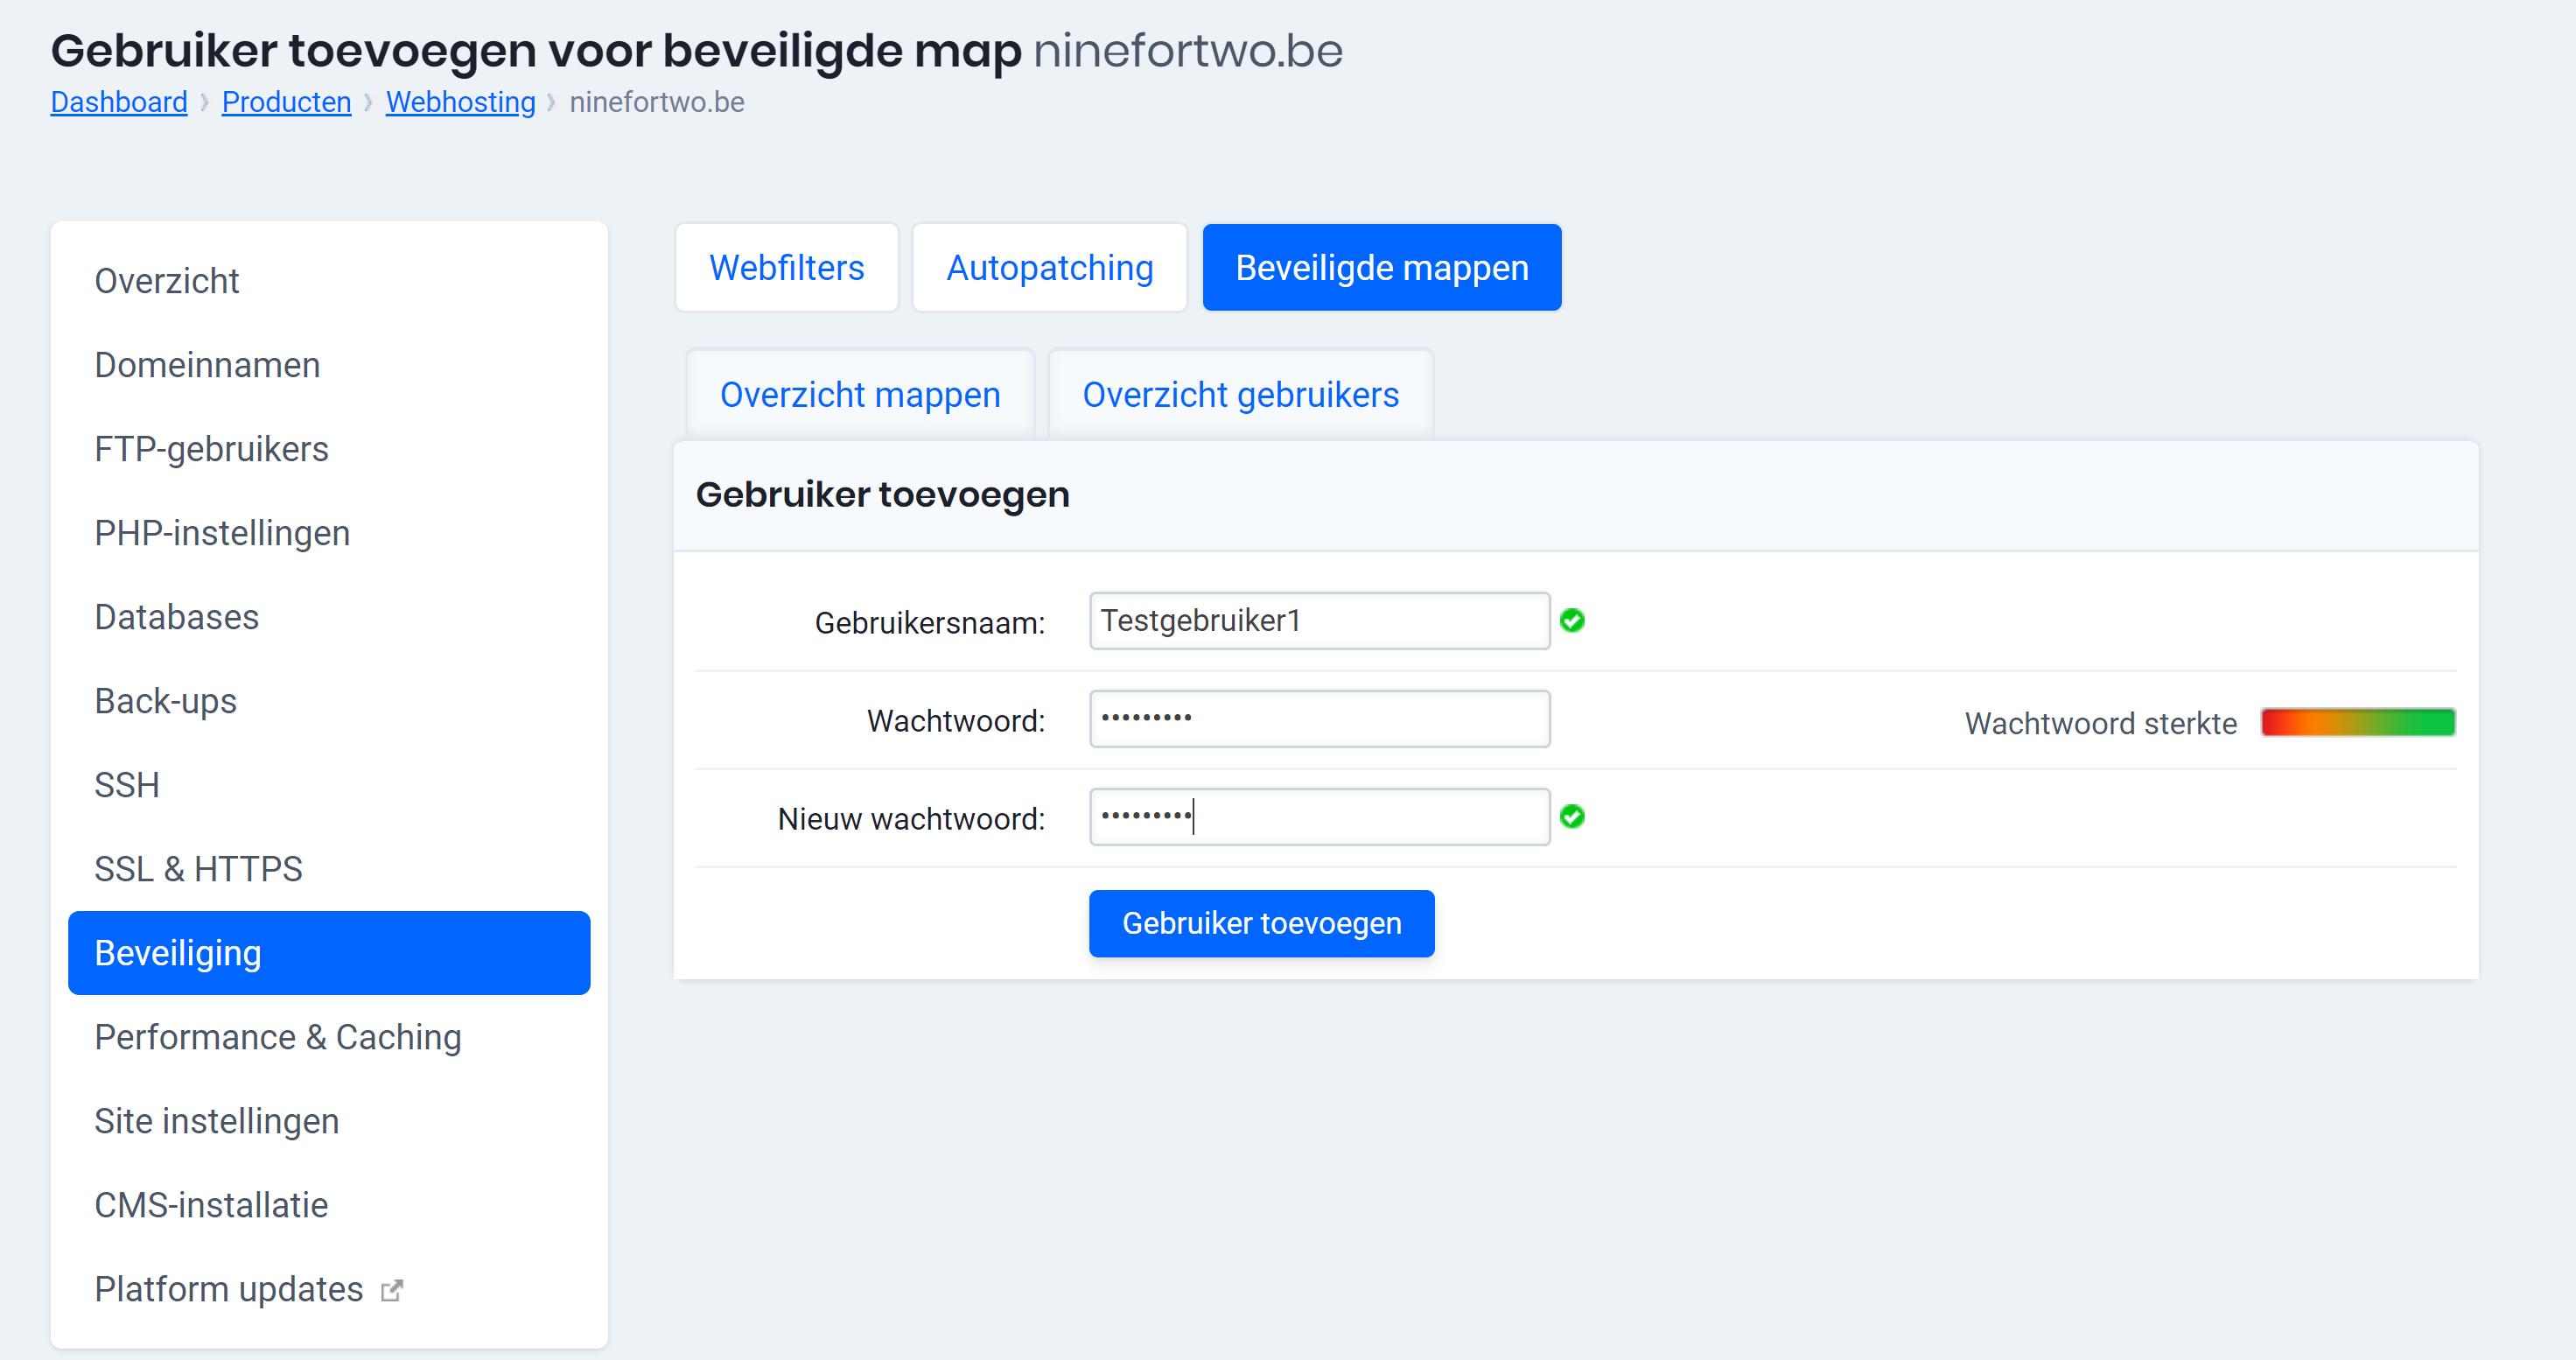 gebruiker toevoegen beveiligde mappen